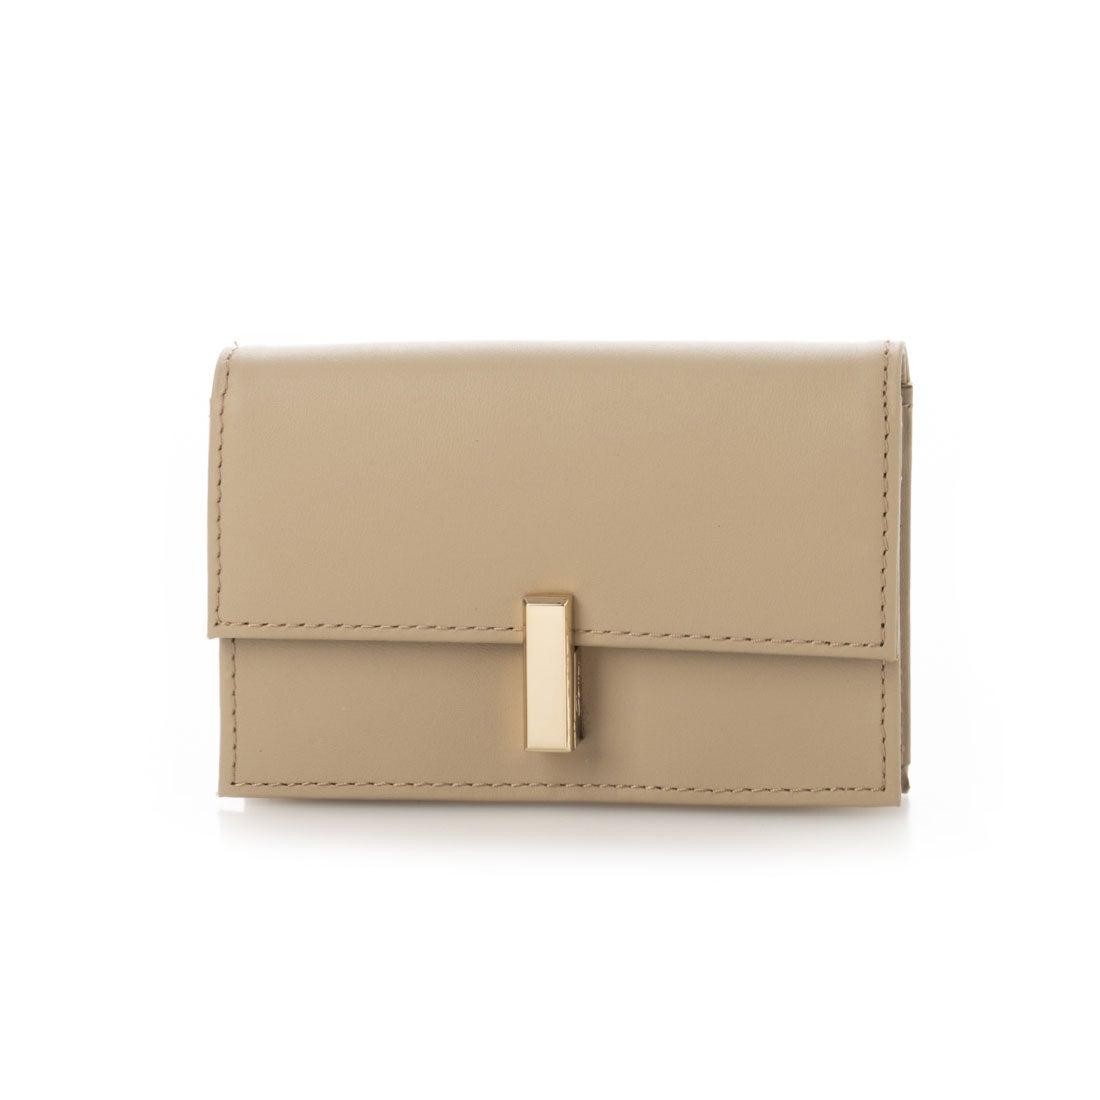 サミールナスリ Leather Card Case ベージュ